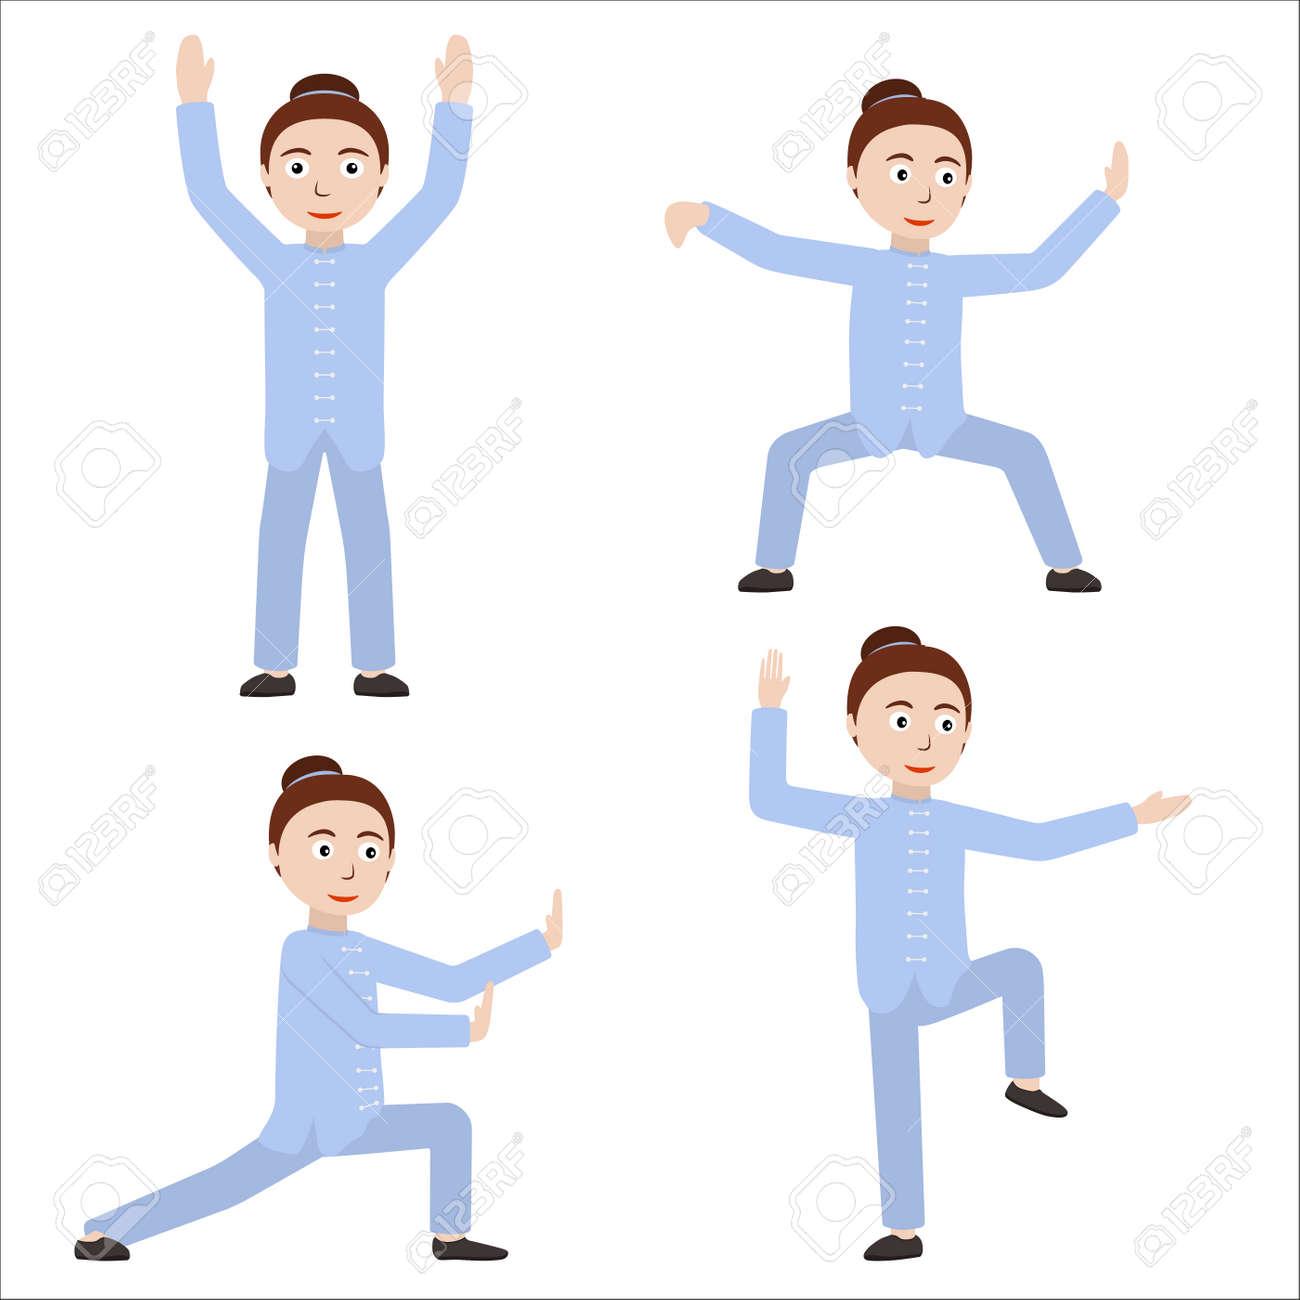 Fille Executant Des Exercices Qigong Ou Taijiquan Femme Pratiquant Le Tai Chi Style Plat Illustration Vectorielle Clip Art Libres De Droits Vecteurs Et Illustration Image 72459168